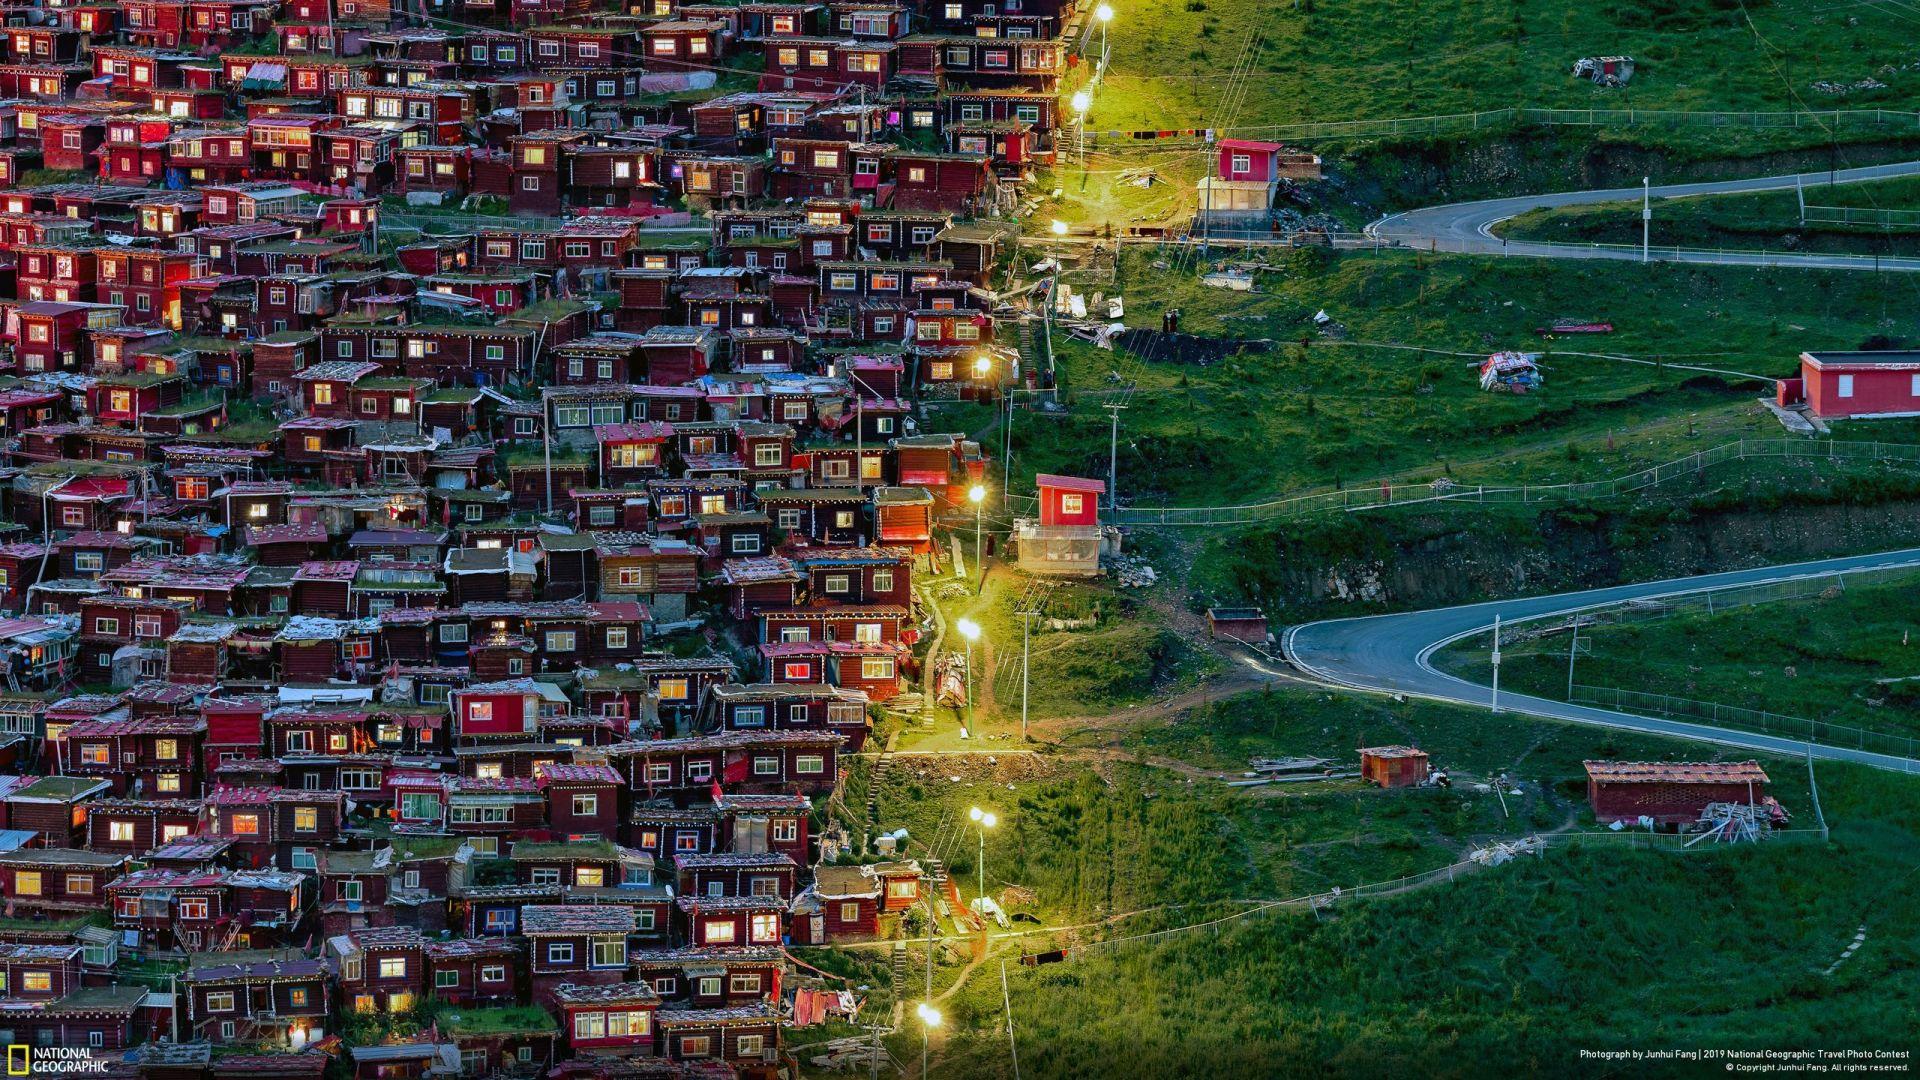 """""""Следејќи ја светлината"""" (Juhnui Fang/Your Shot/National Geographic) - избор на публиката во категорија """"Градови"""""""